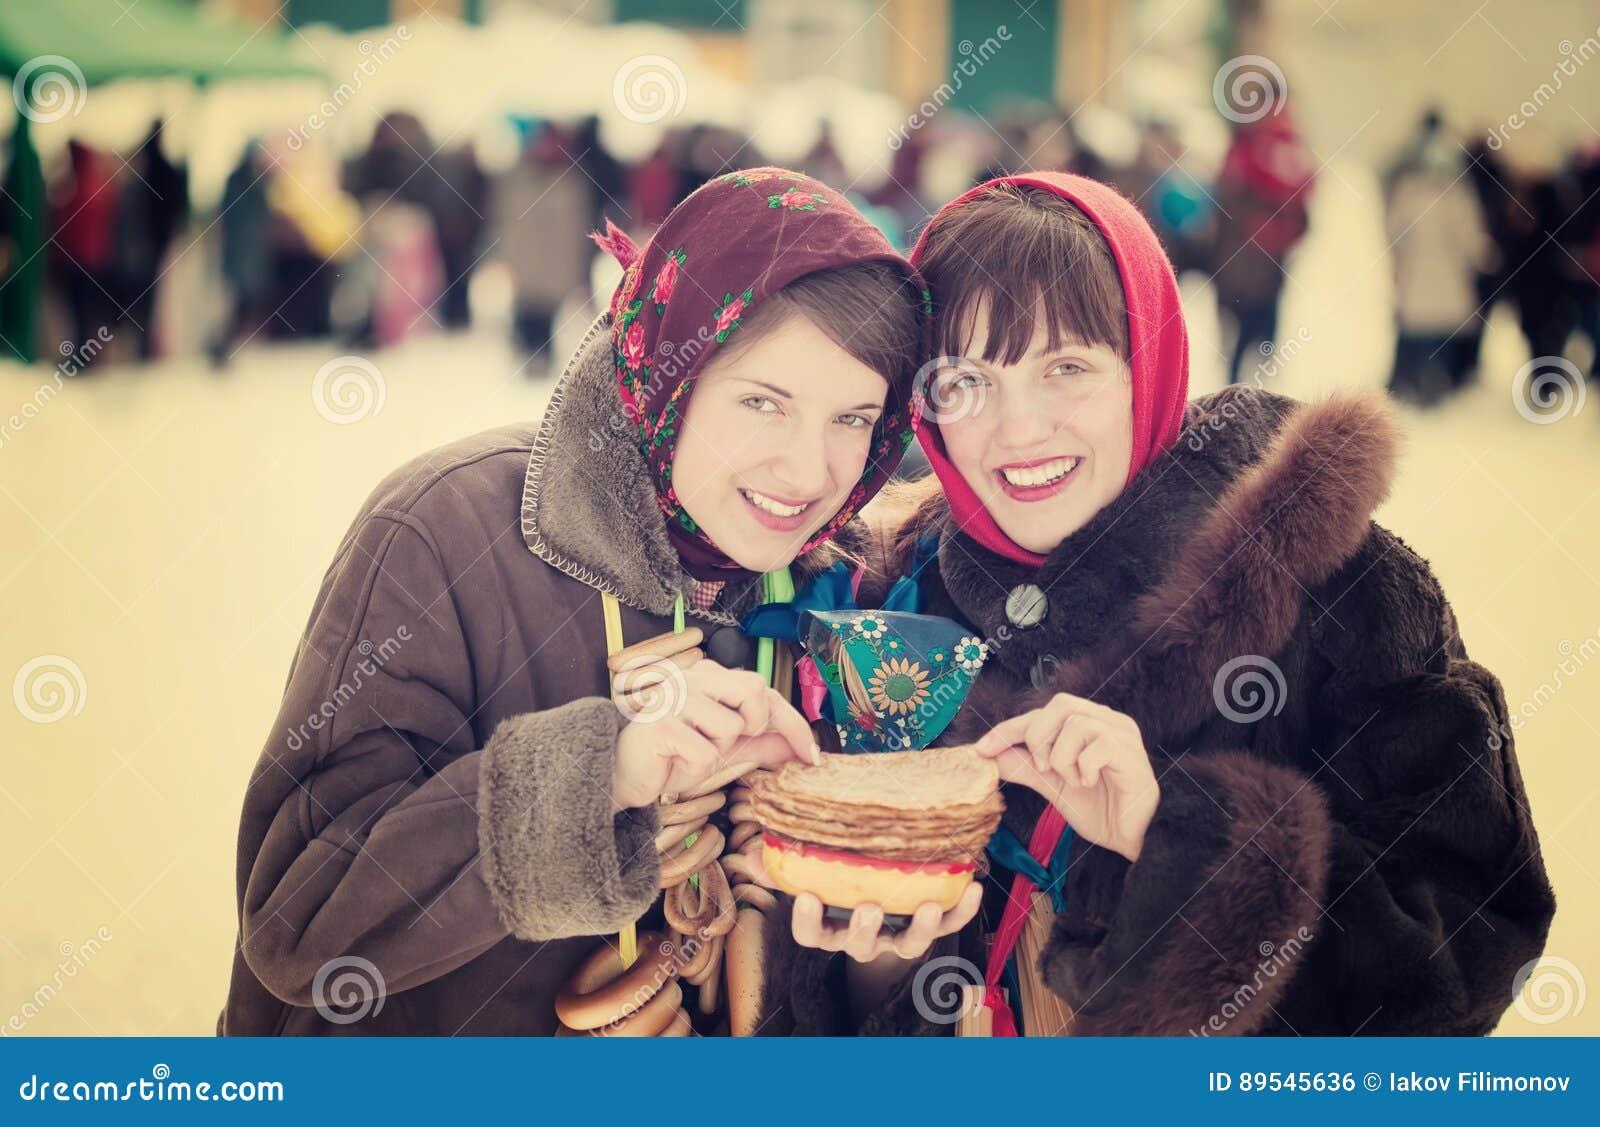 Mujeres que comen la crepe durante semana de la crepe